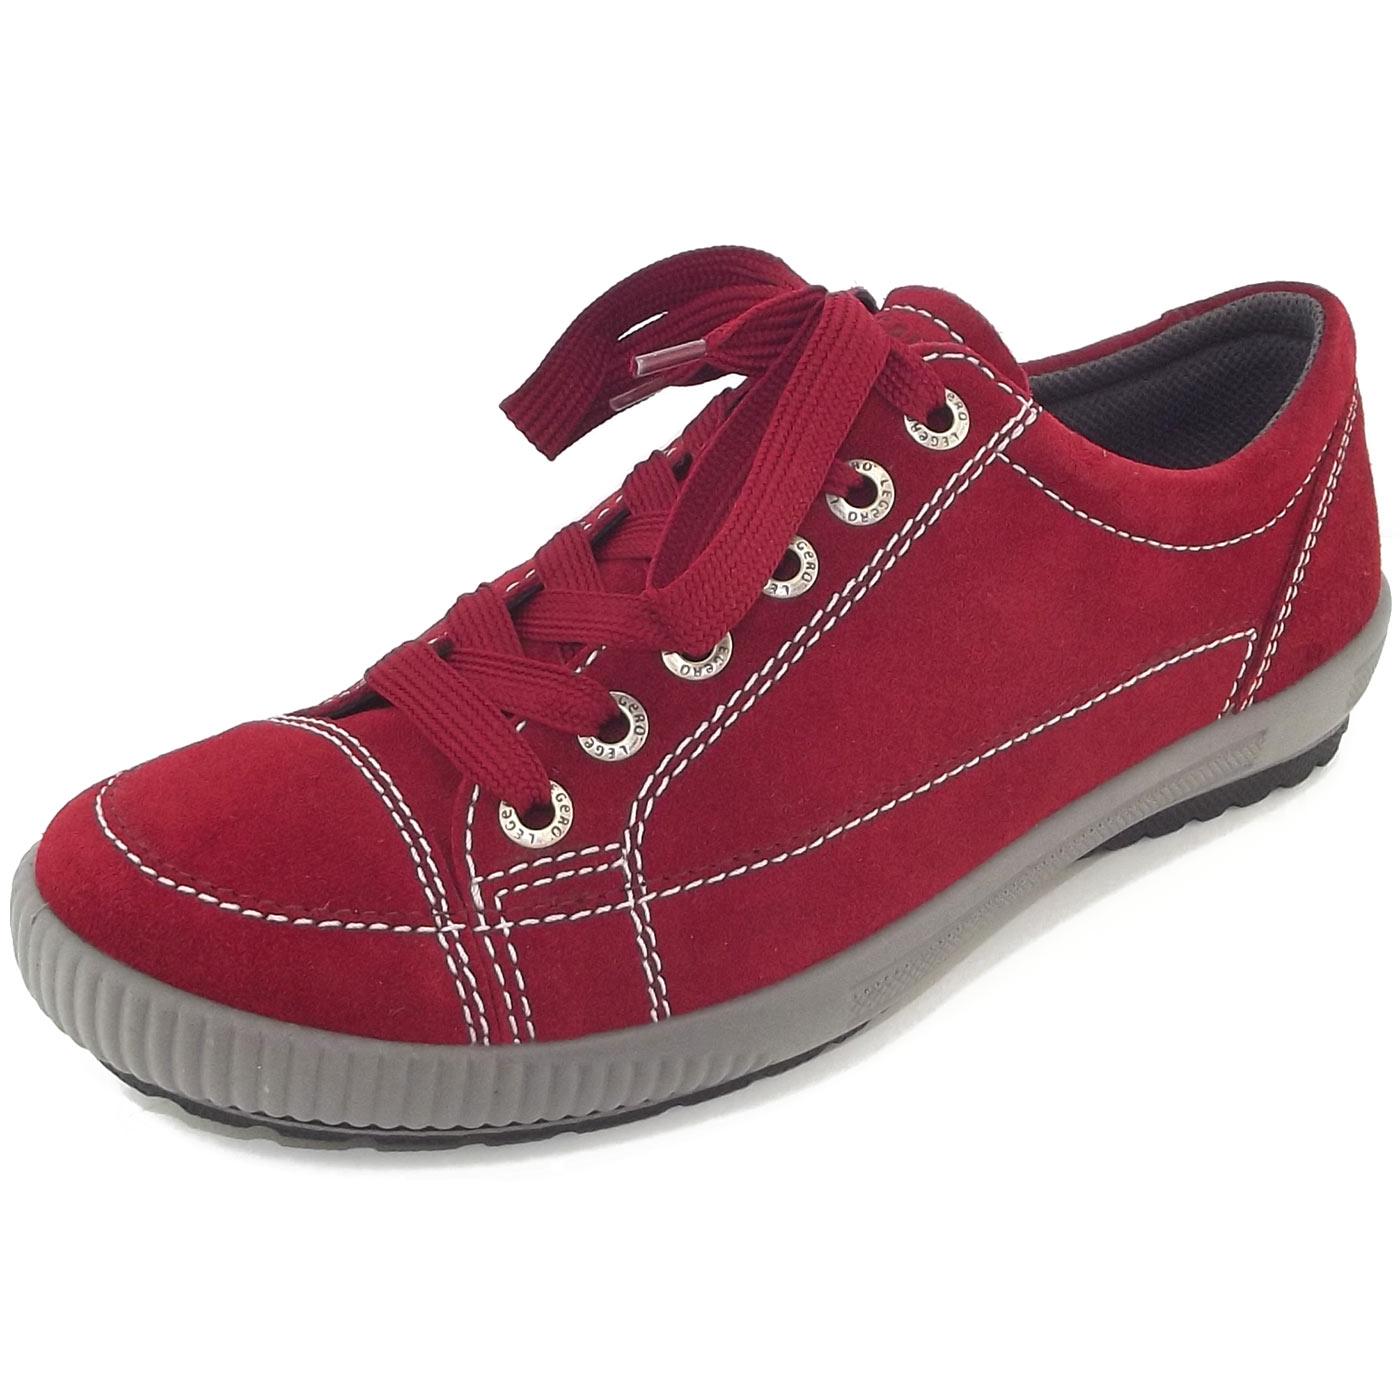 Desigual Shoes Online